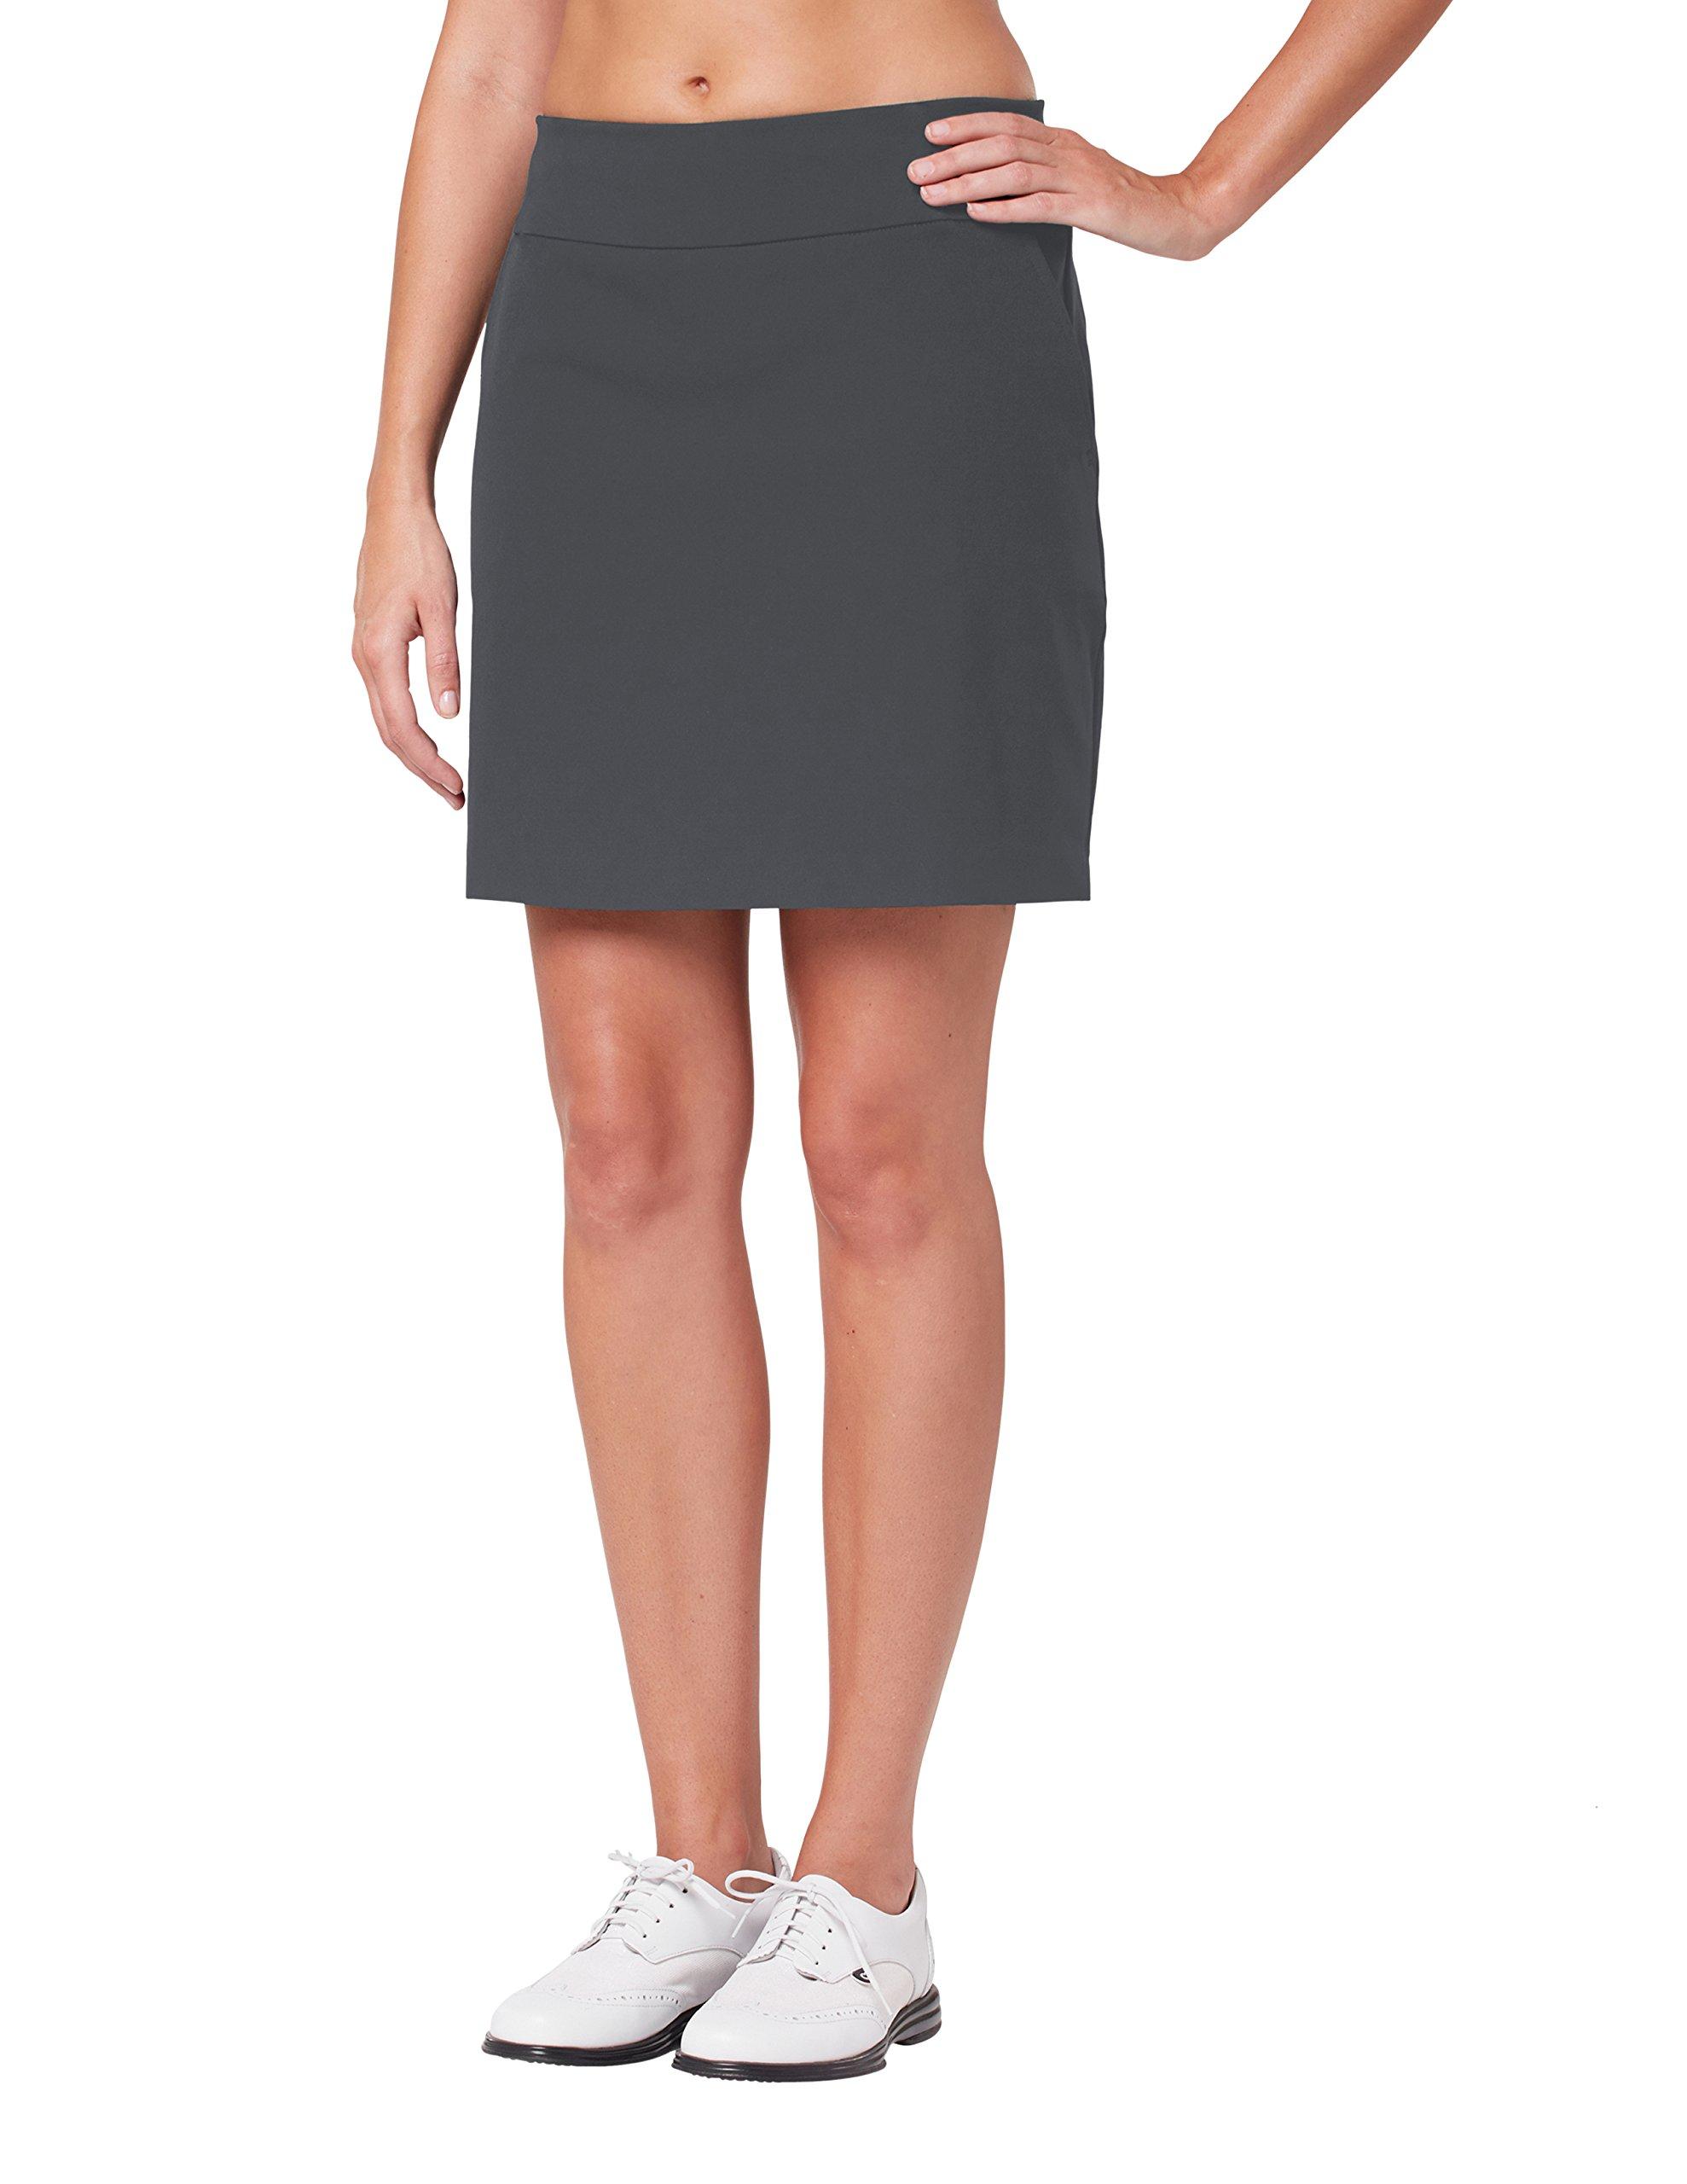 Tail Activewear Women's Mulligan Skort 10 Iron